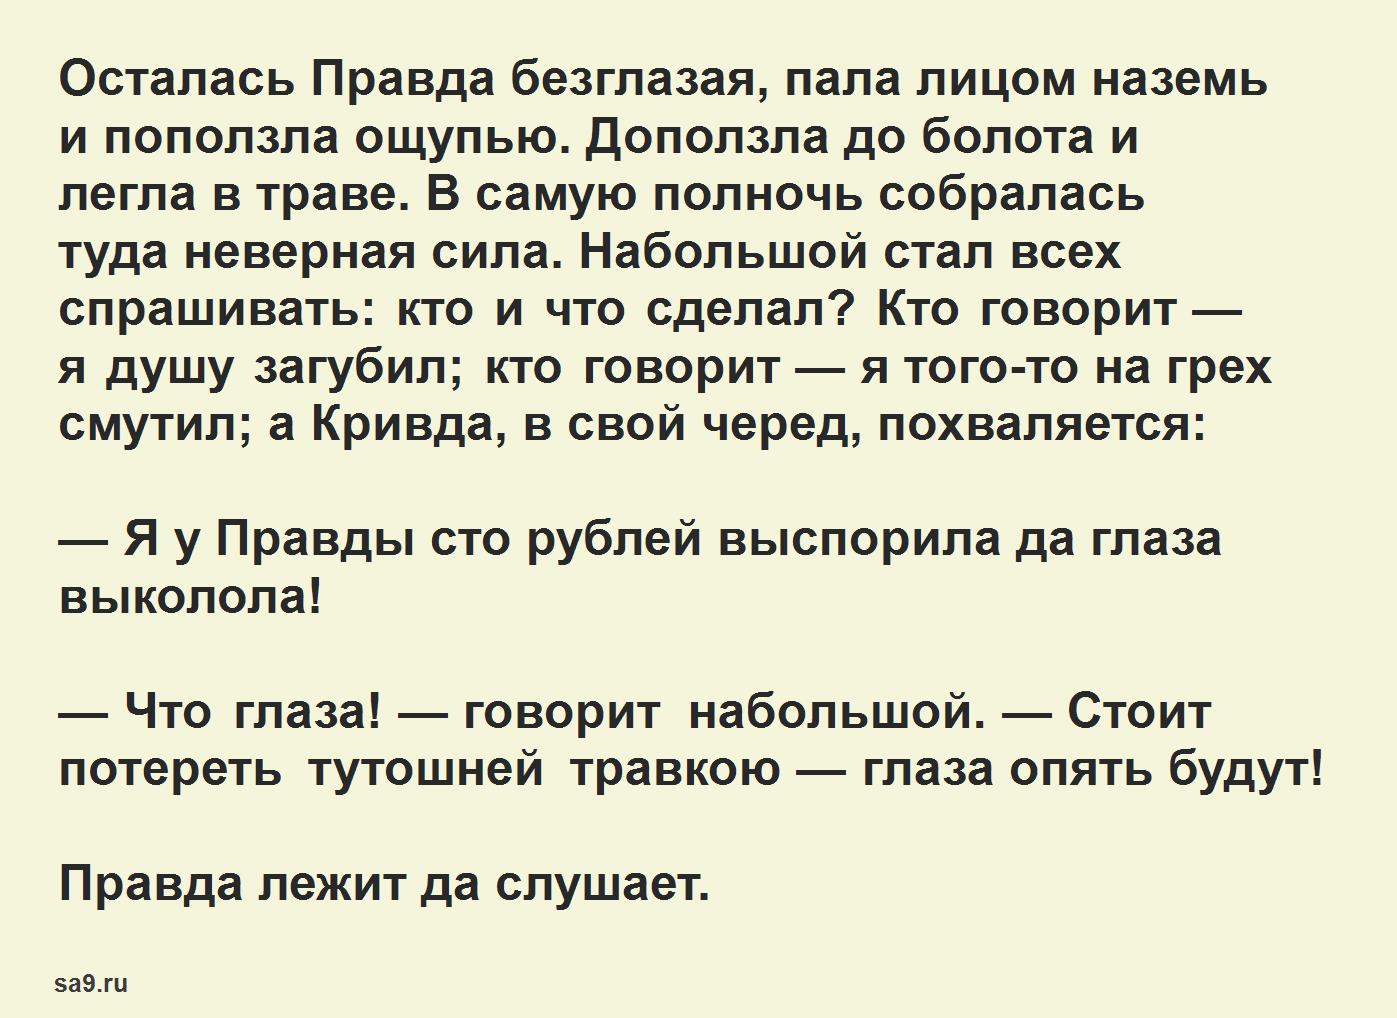 Читать русскую народную сказку - Правда и Кривда